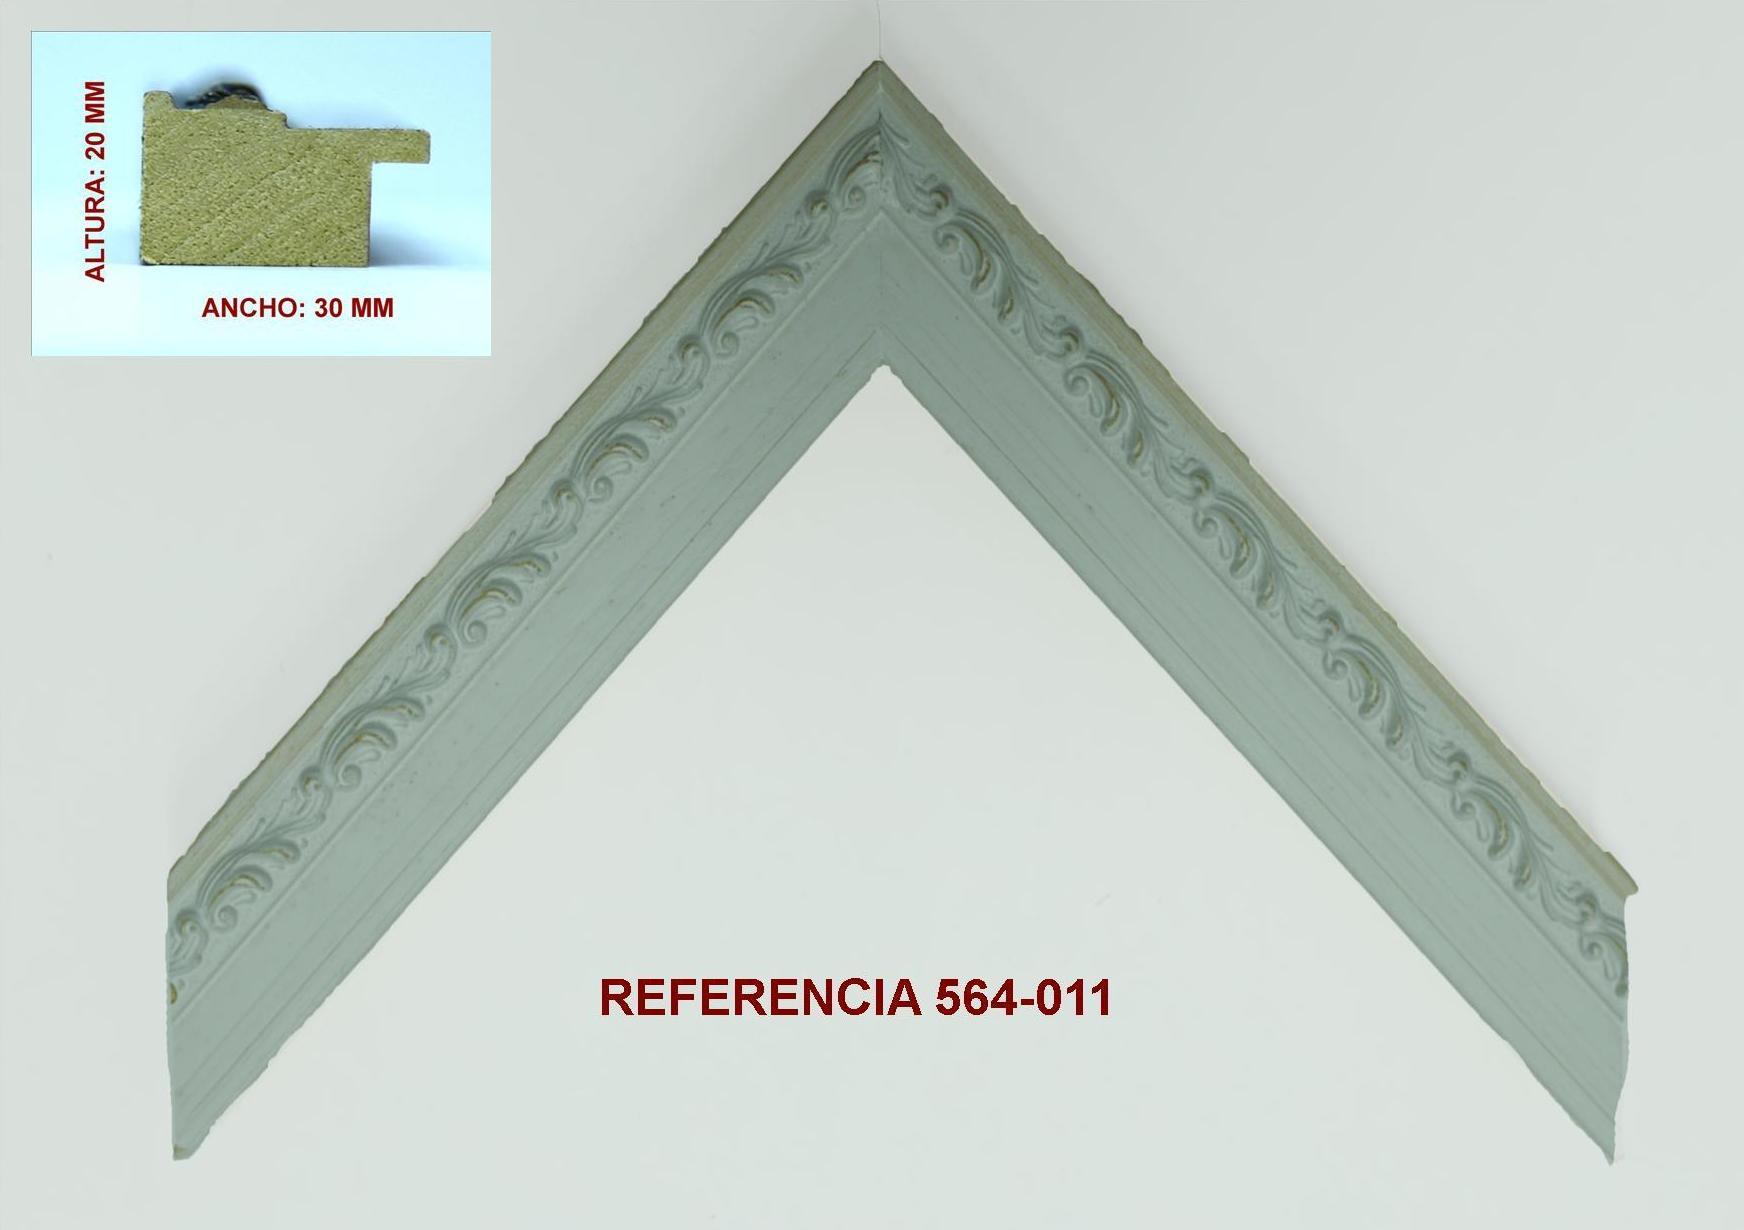 REFERENCIA 564-011